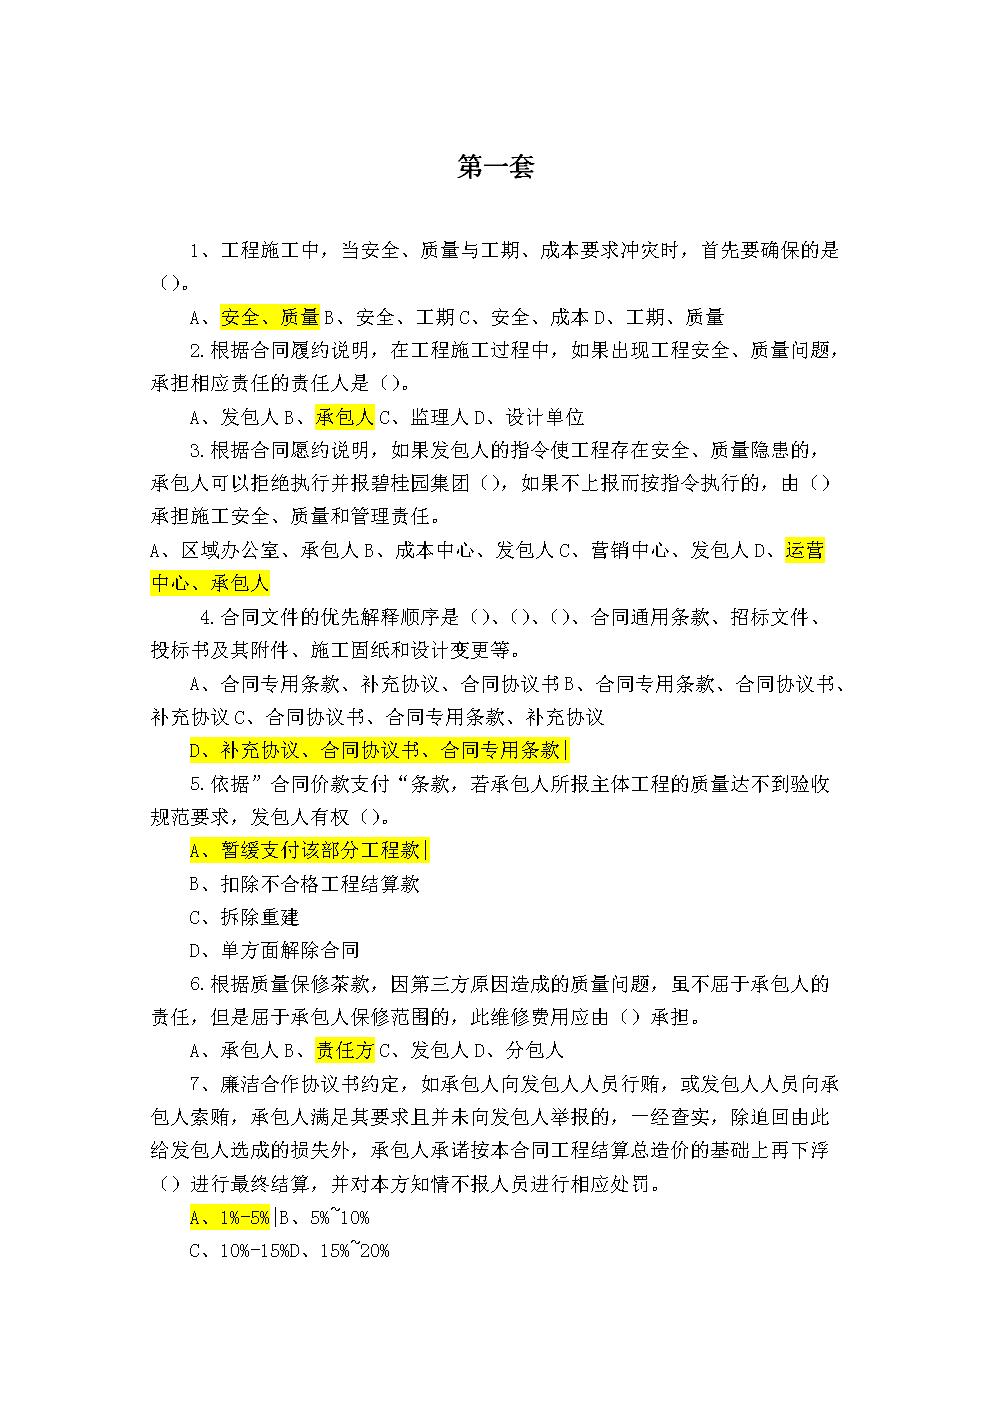 合同考试试题汇总(1).doc